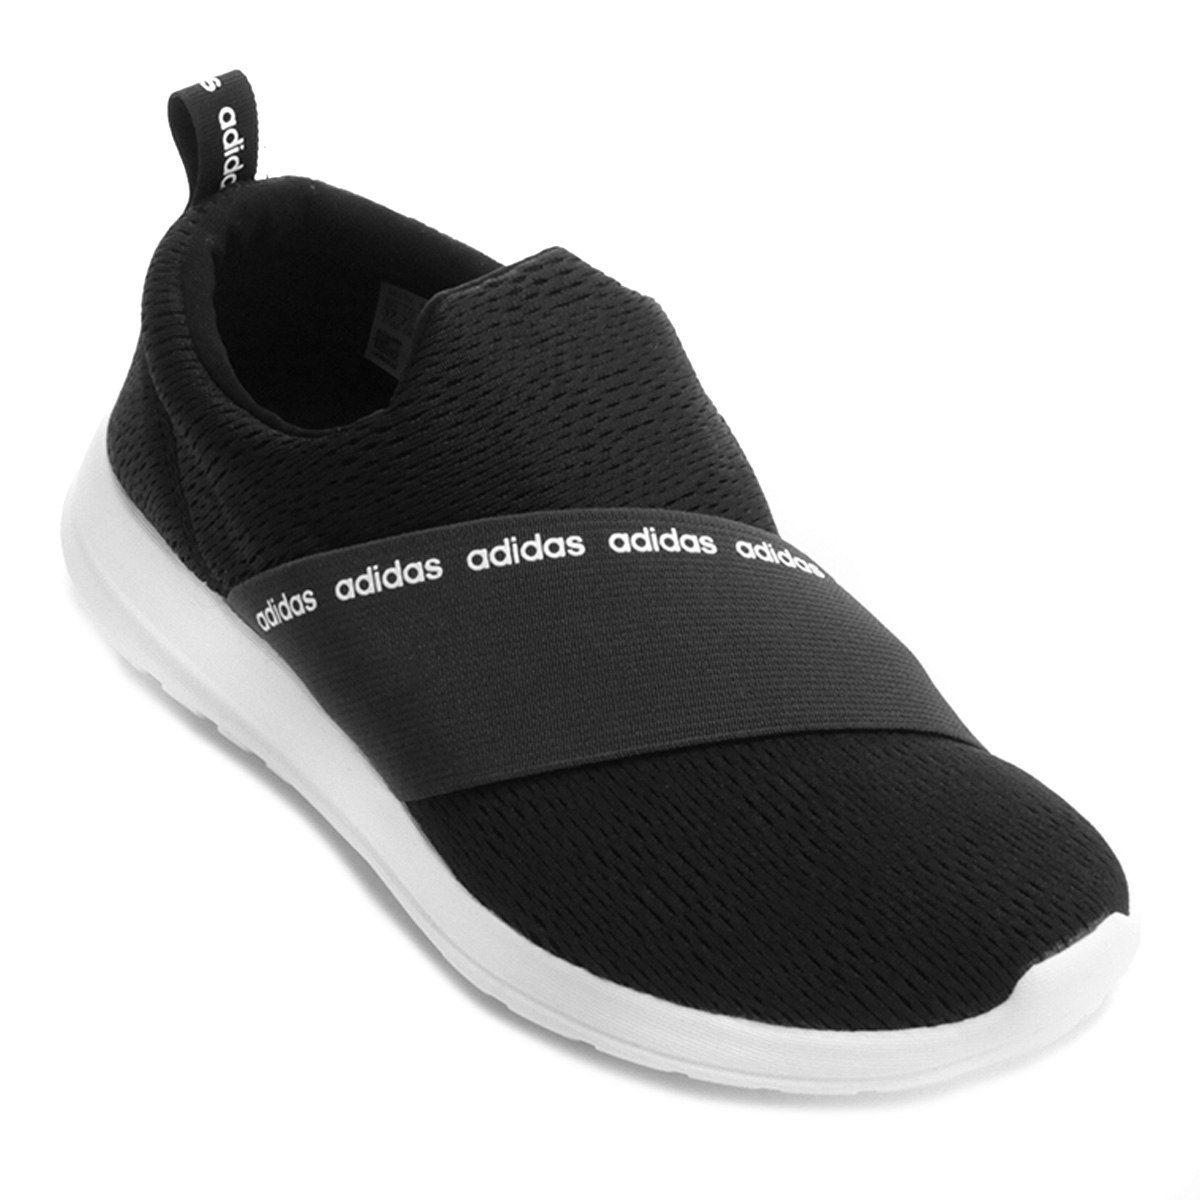 26080cc7f4 Tênis Adidas Cf Refine Adapt W Feminino - Compre Agora